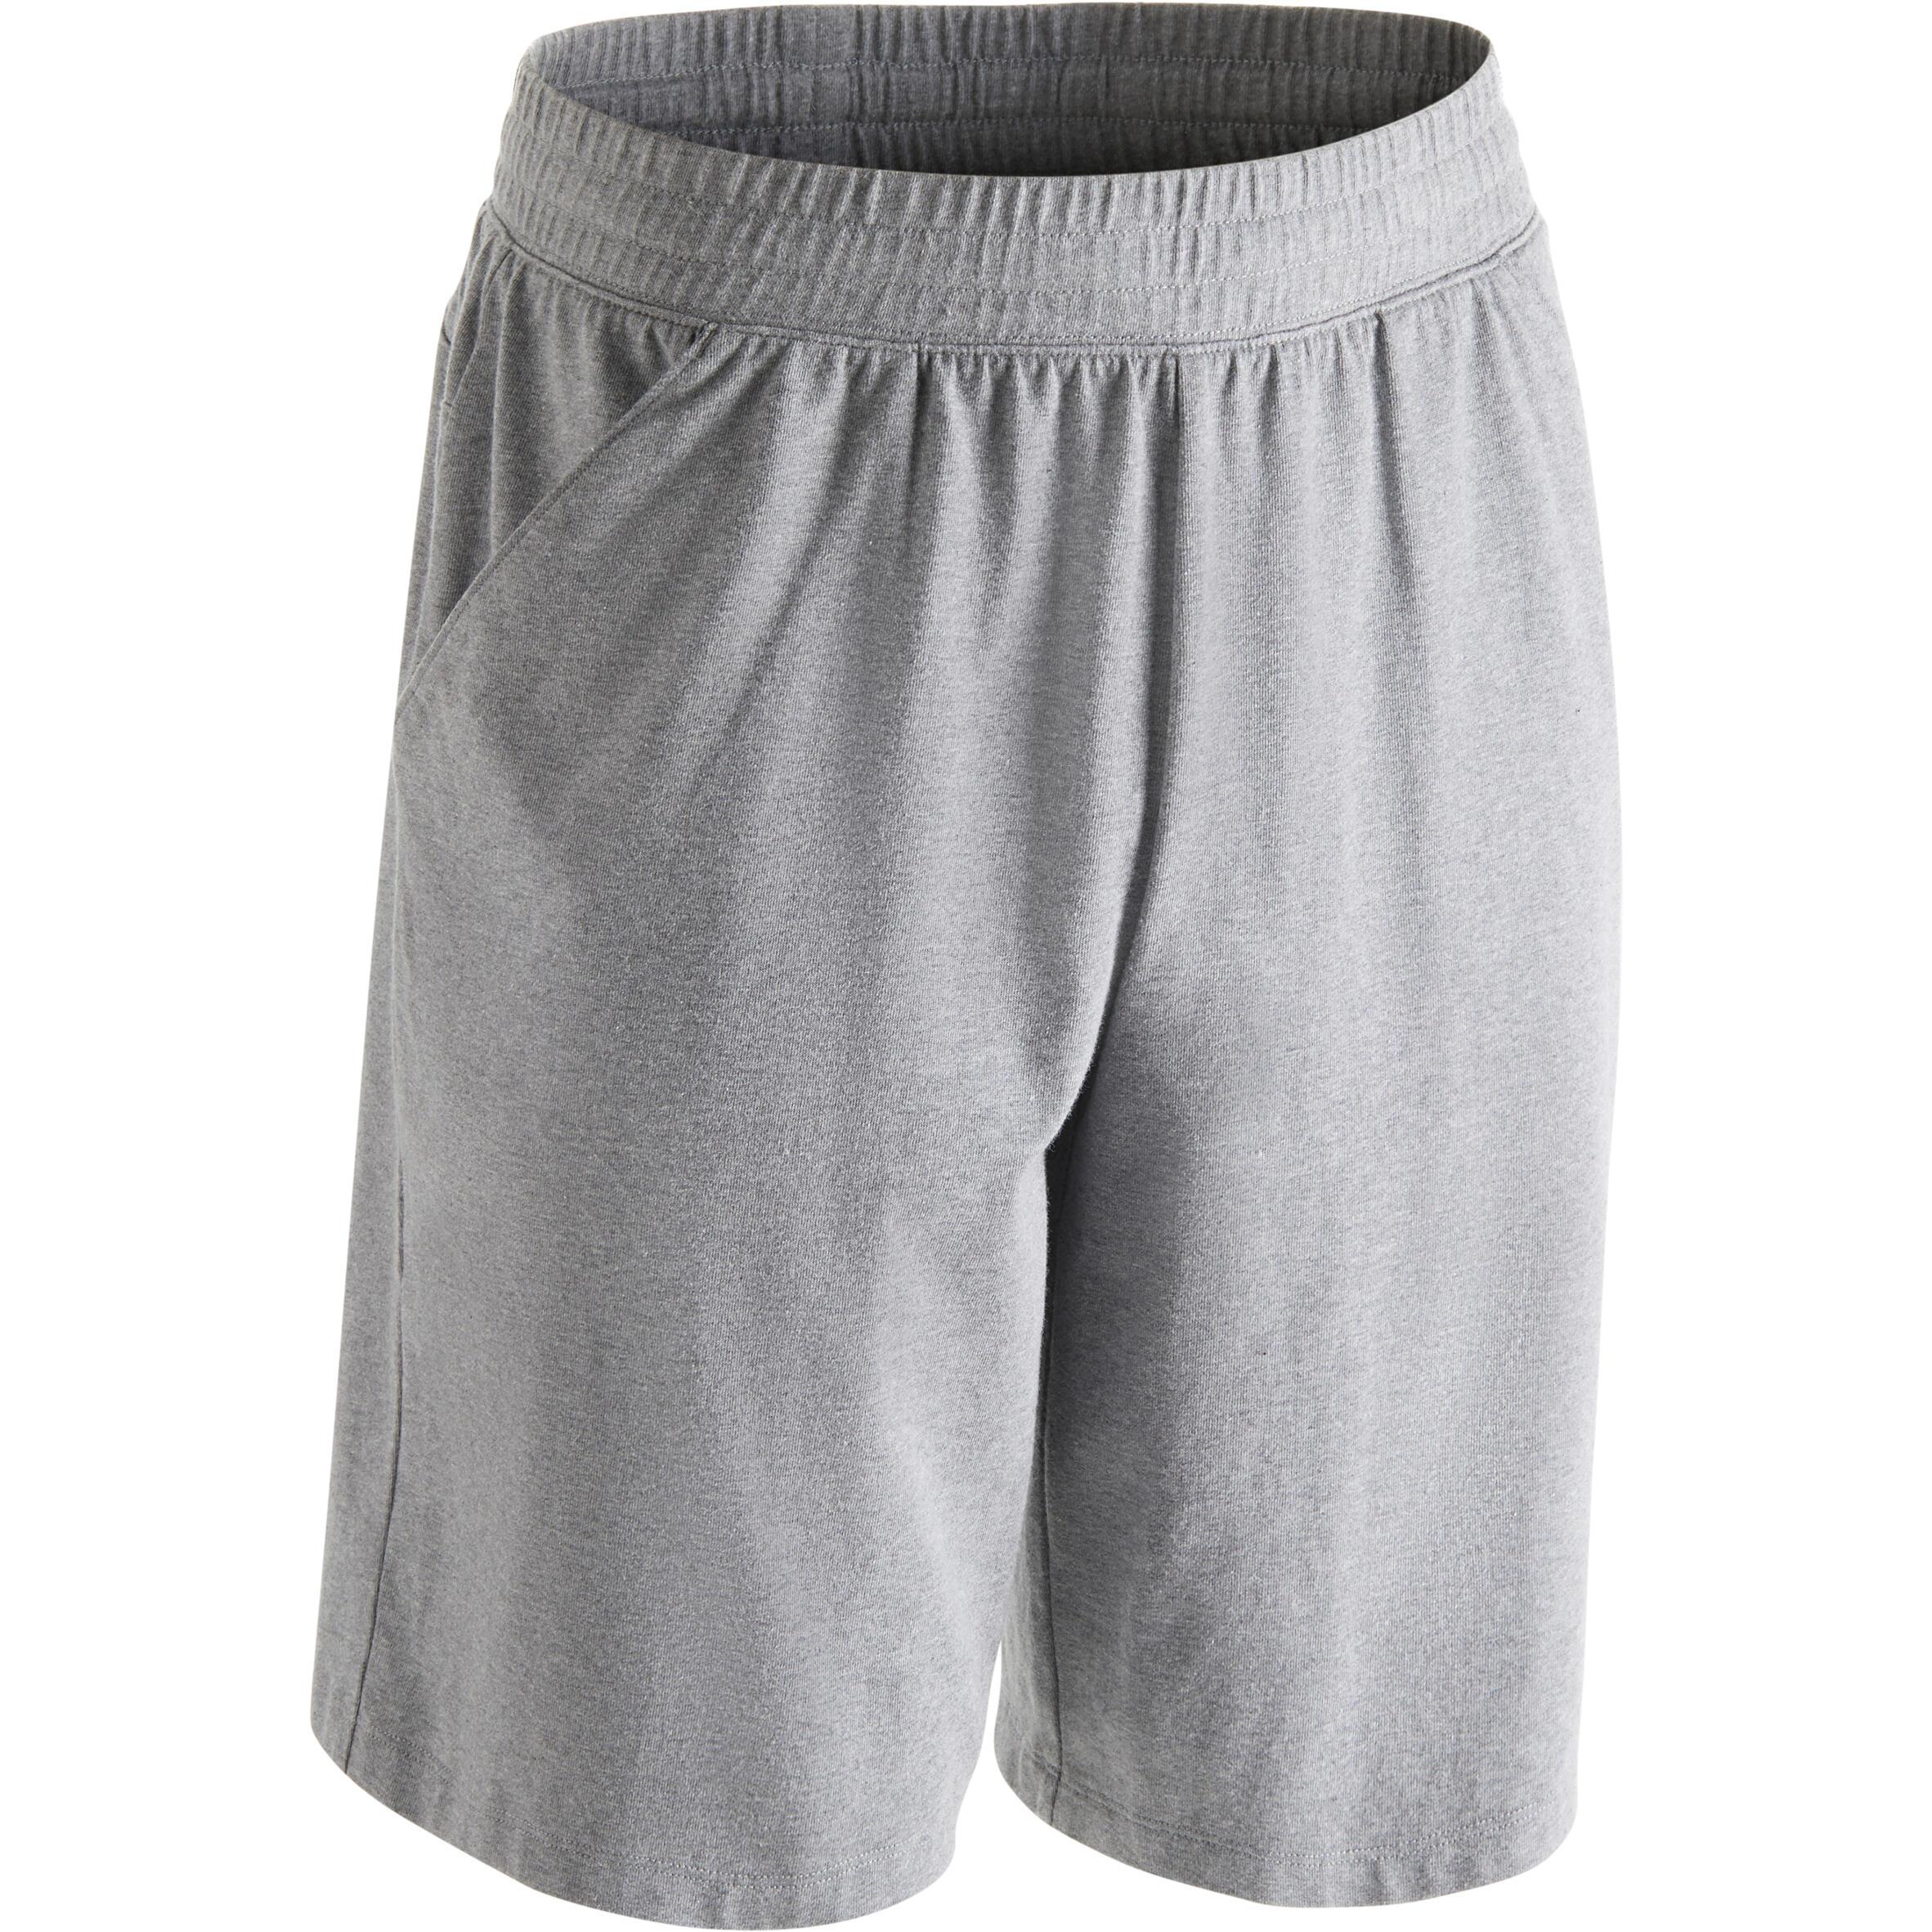 Short 500 regular largo encima de rodillas gimnasia y pilates hombre gris jasp